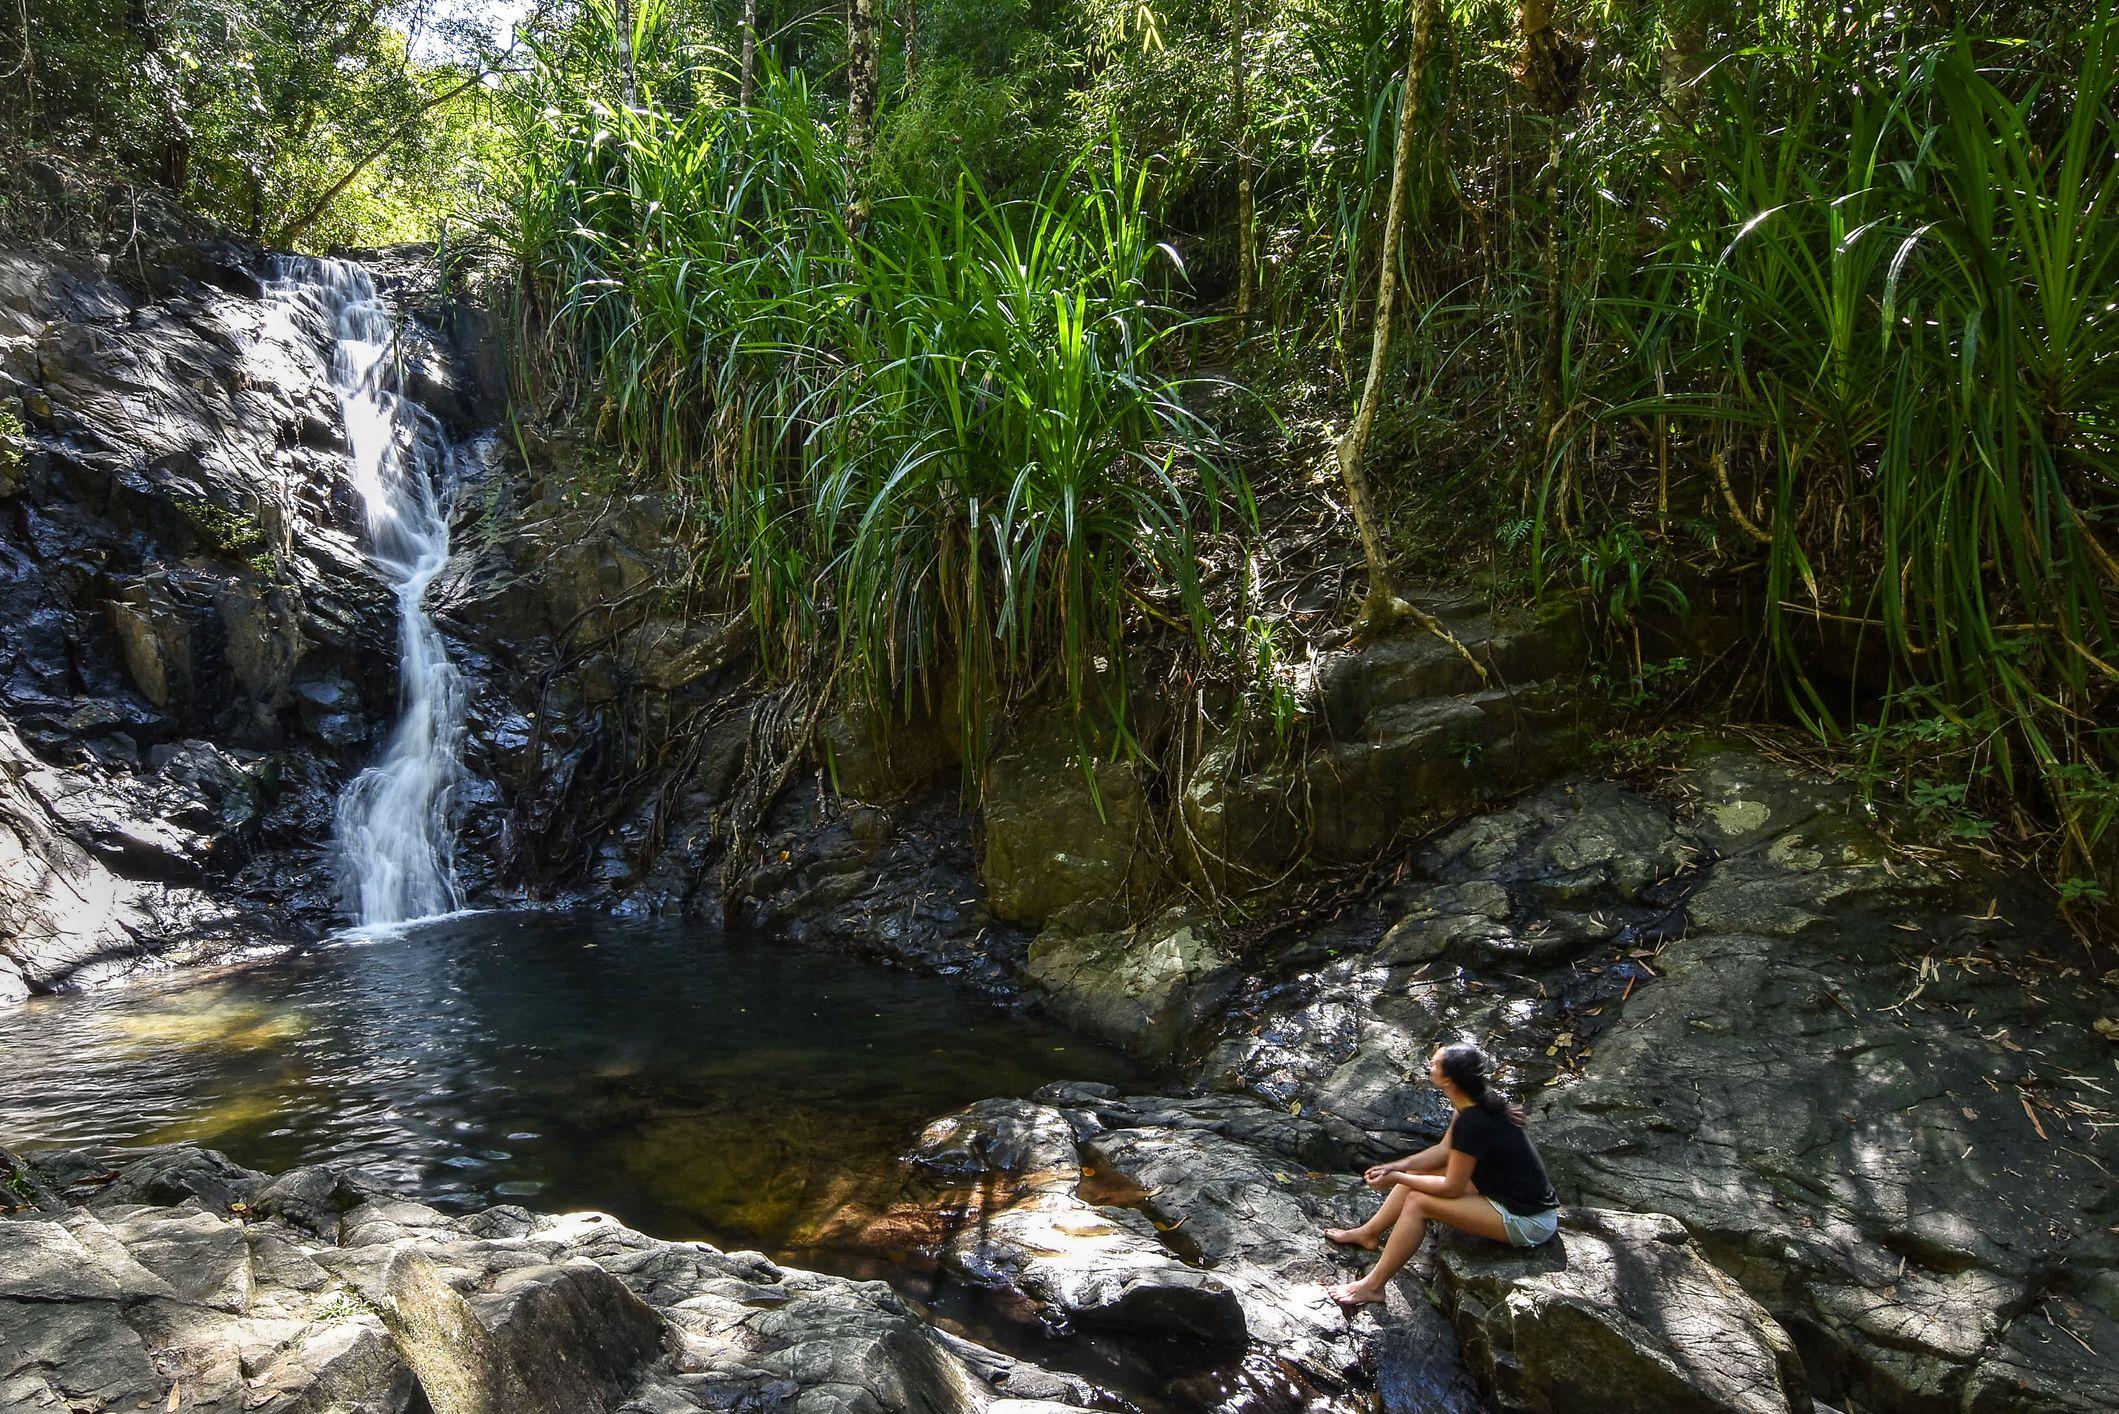 Nagkalit-kalit Falls, El Nido